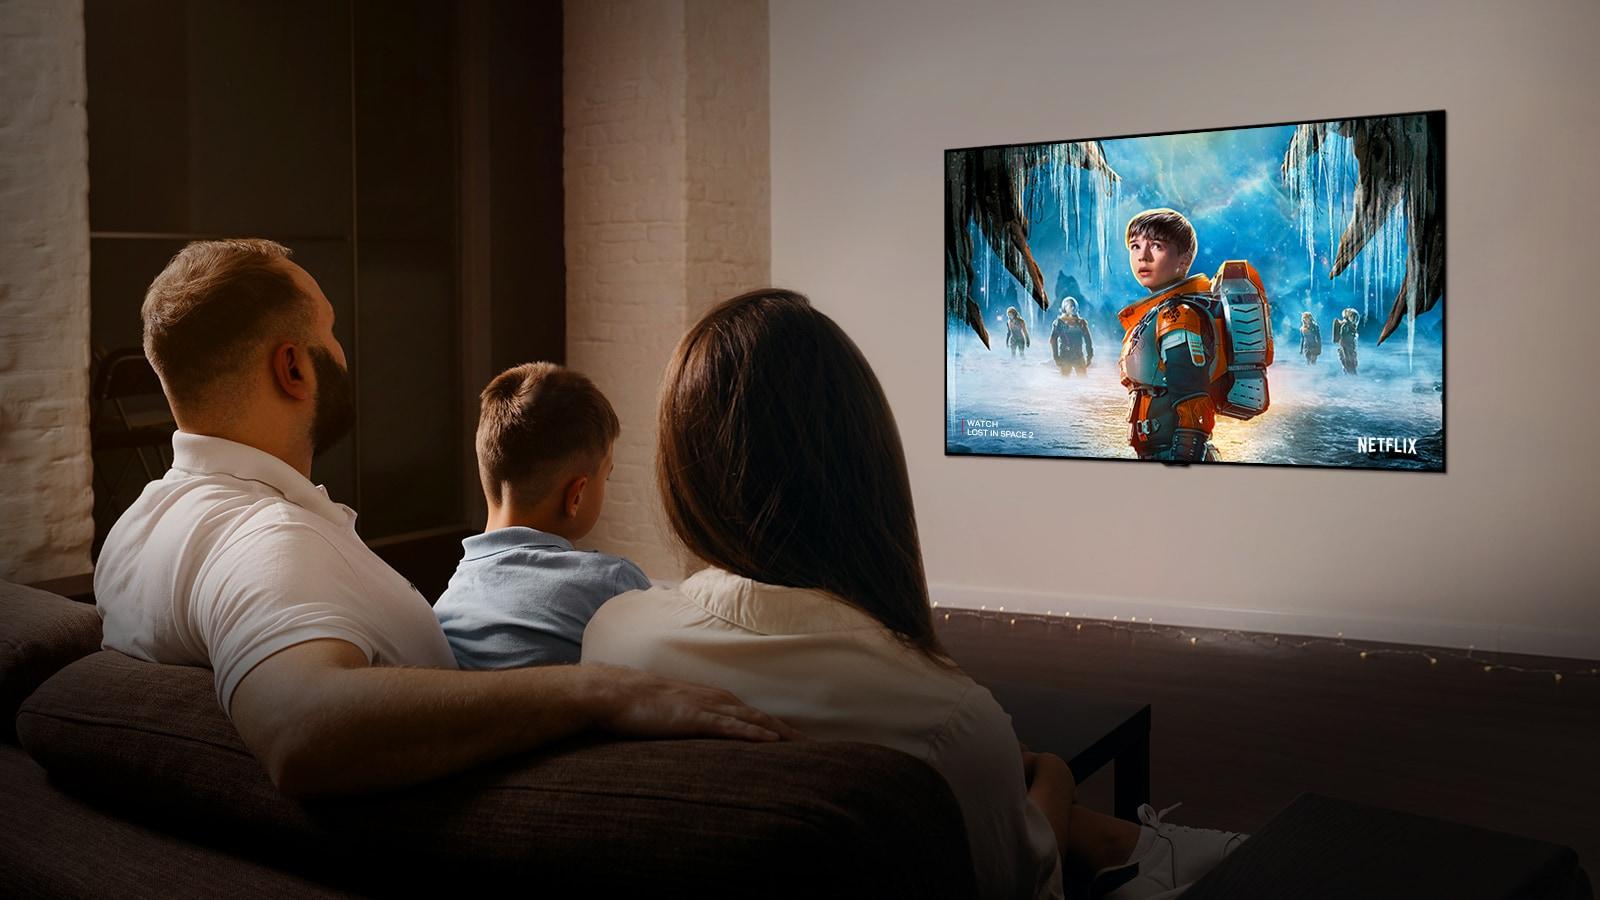 Paar zittend op een bank in de woonkamer kijkend naar een romantische film op tv